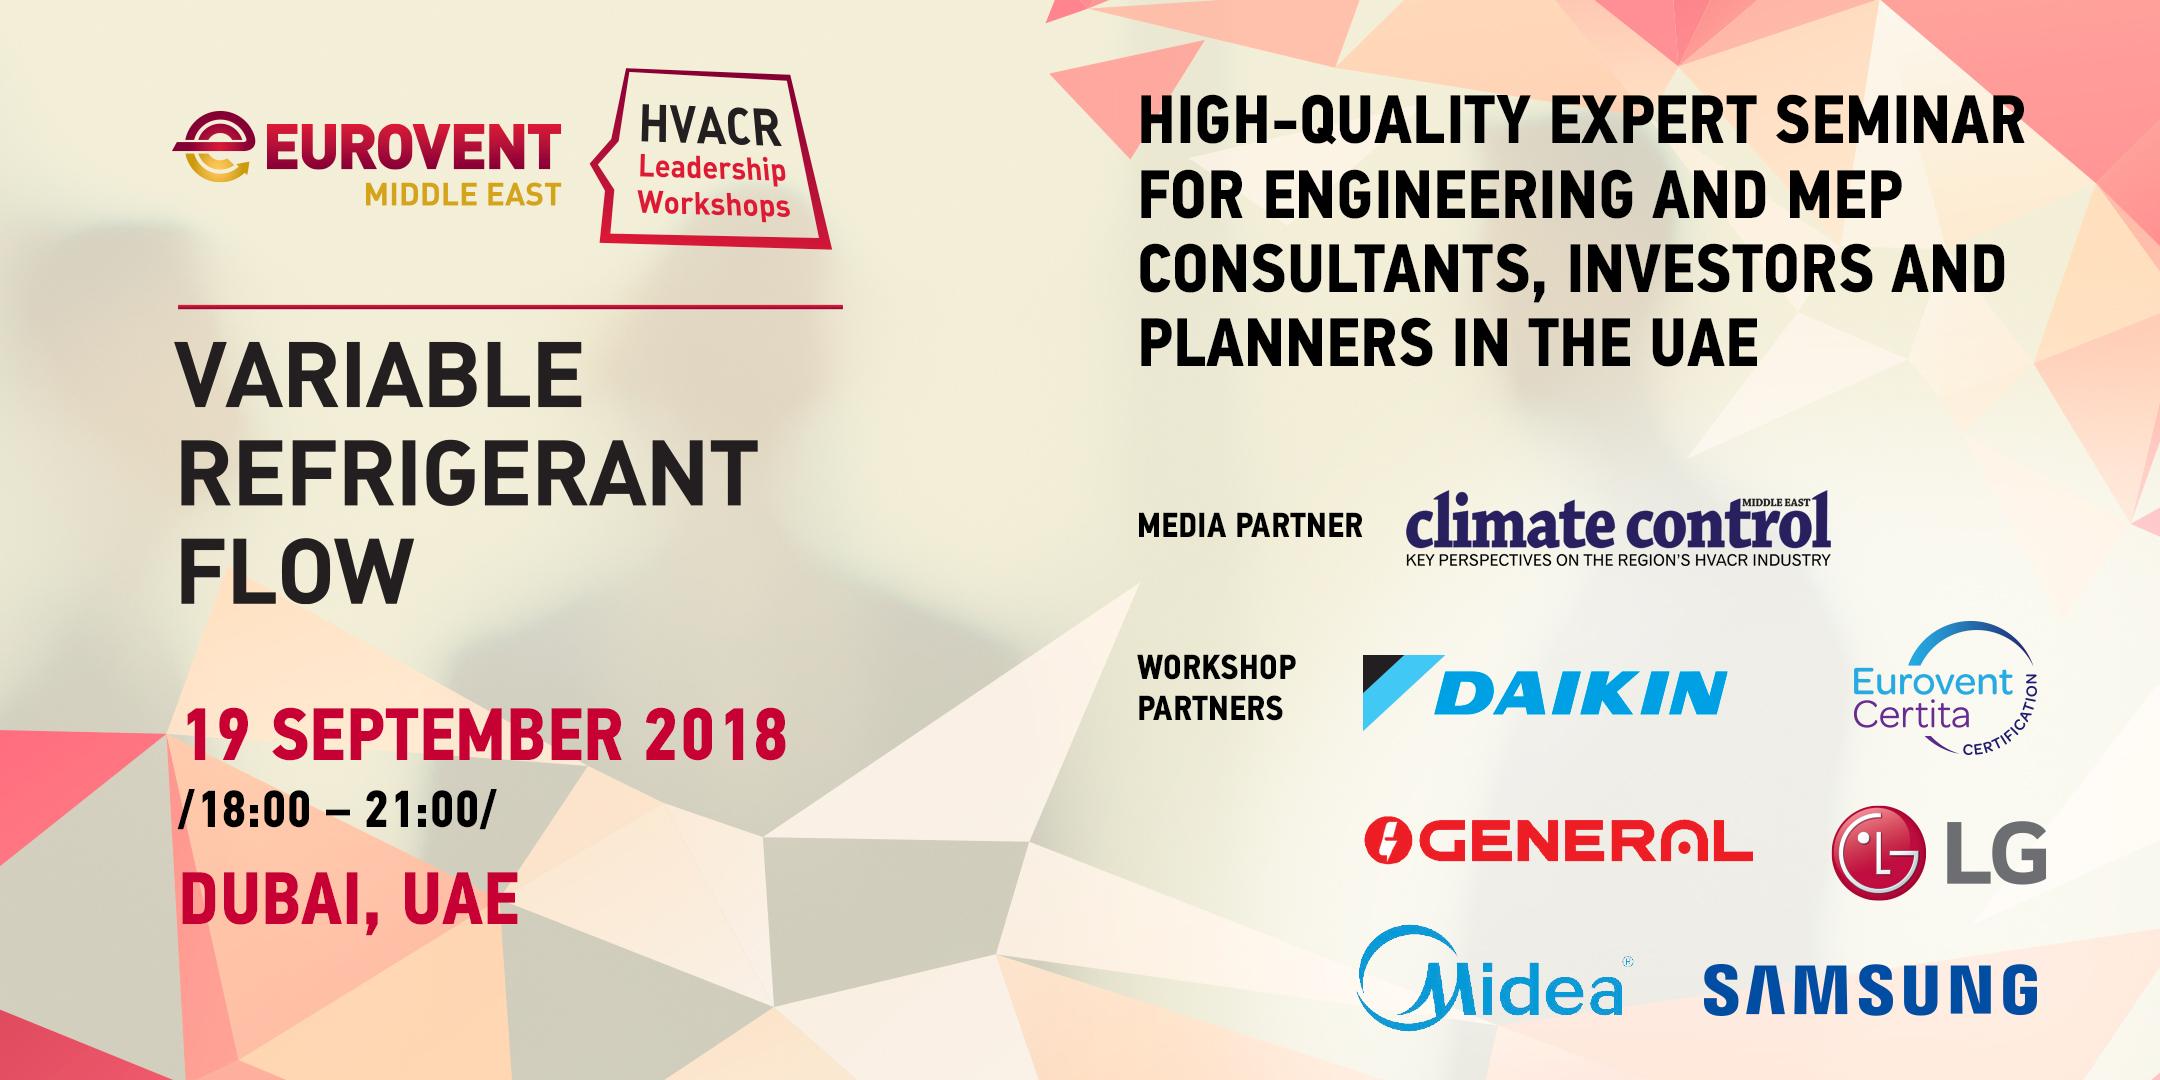 2018 - HVACR Leadership Workshops by Eurovent Middle East - VRF